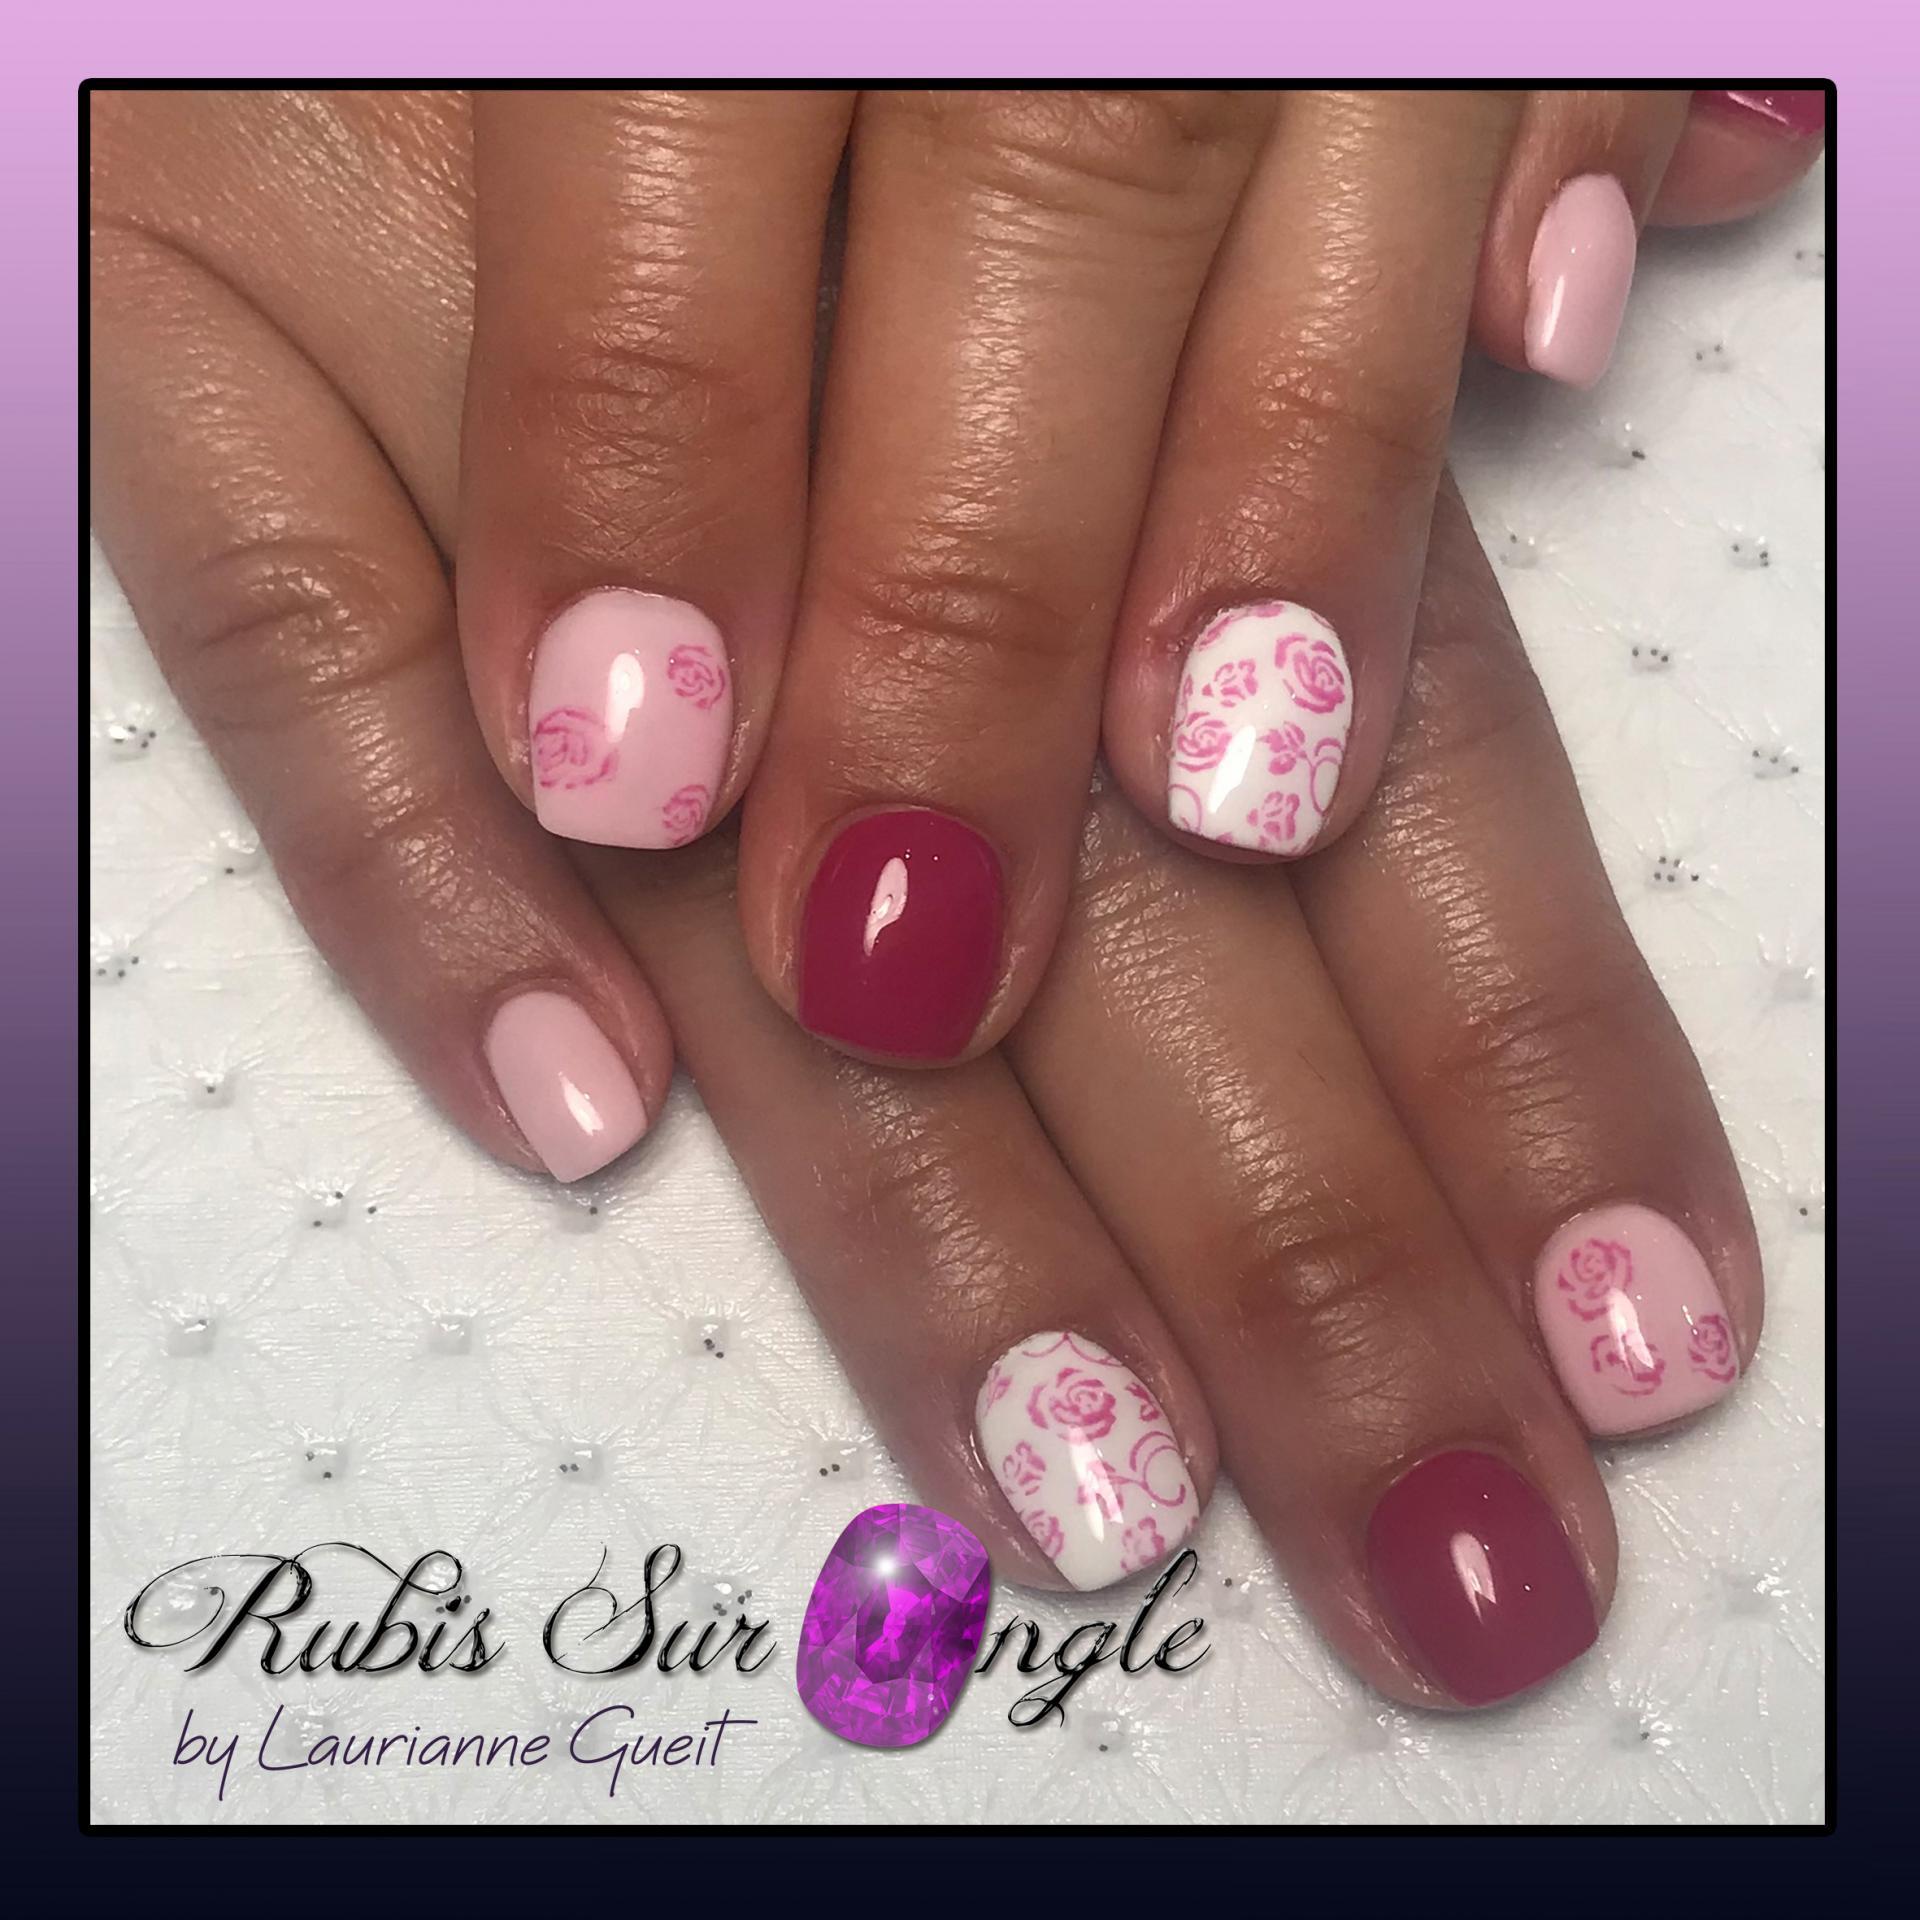 Rubis-Sur-Ongle-Nail-Art-Rose